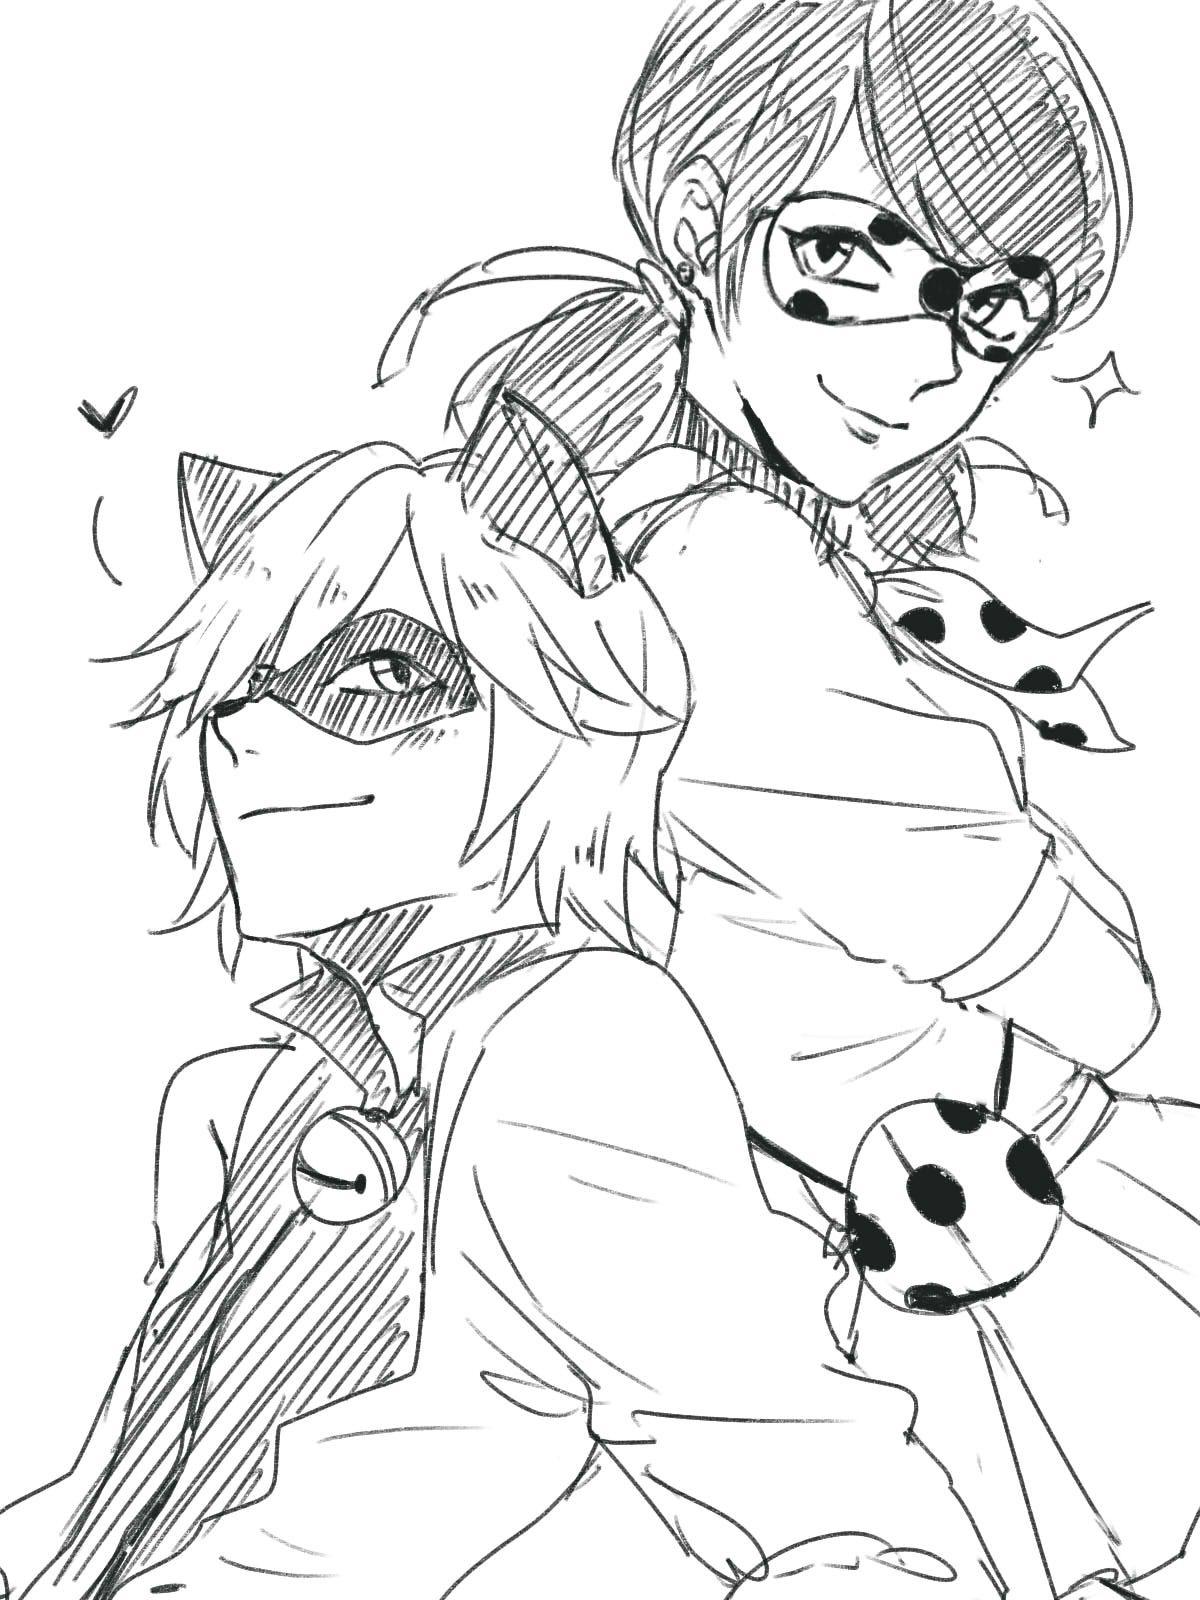 Imagenes De Ladybug Anime Para Colorear